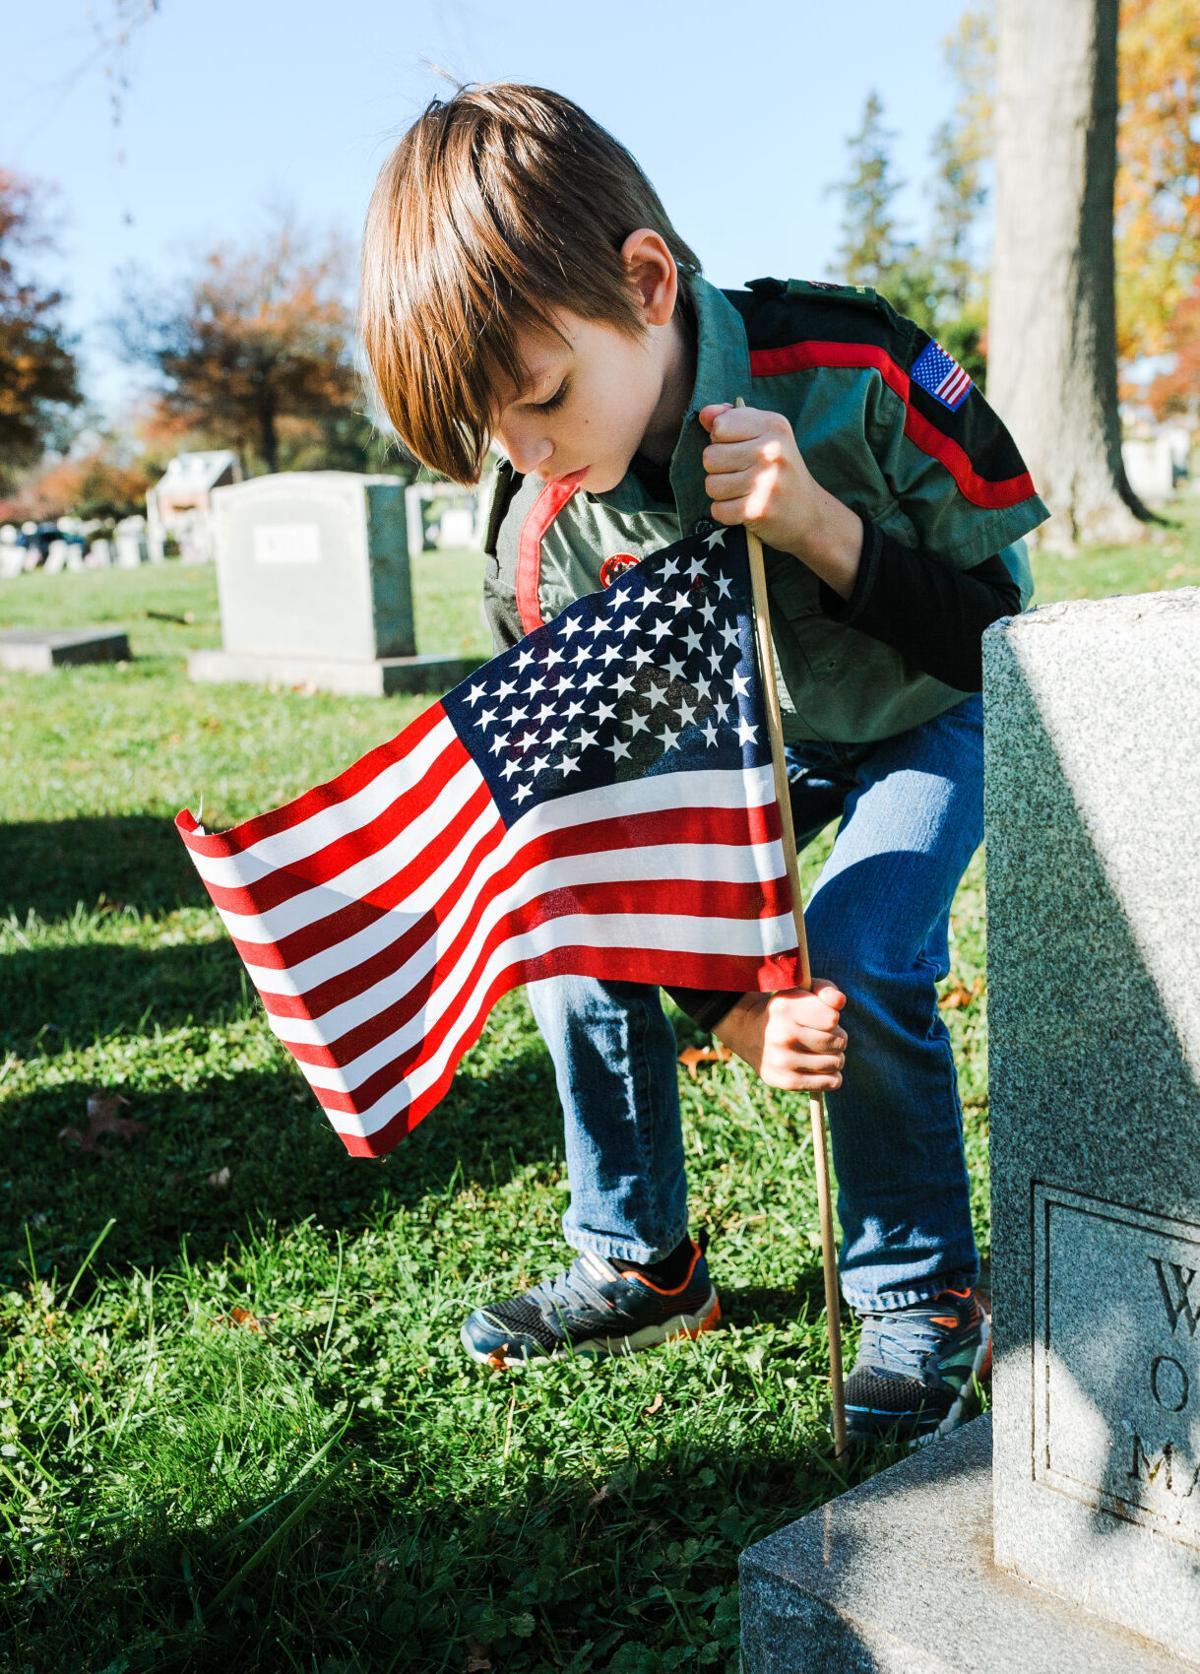 photo_ft_news_veterans day flags-2_20201107.jpg